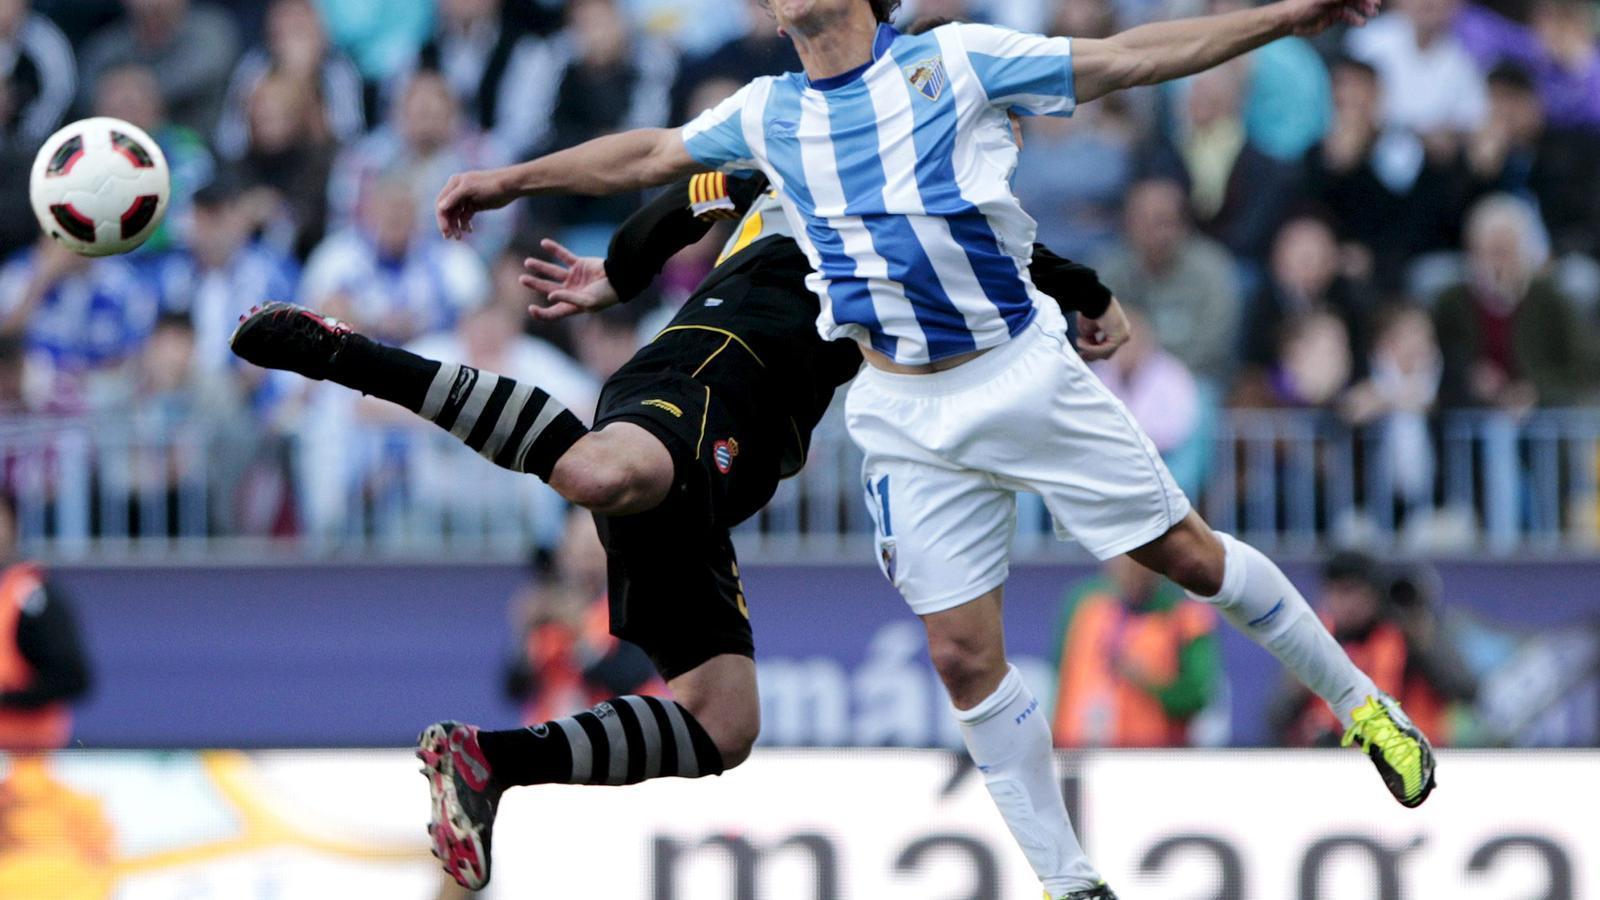 El capità de l'Espanyol, David García, vola amb Seba per una pilota. El lateral esquerre va ser el millor d'una línia defensiva a la qual es va exigir molt a Màlaga. / JORGE ZAPATA / EFE